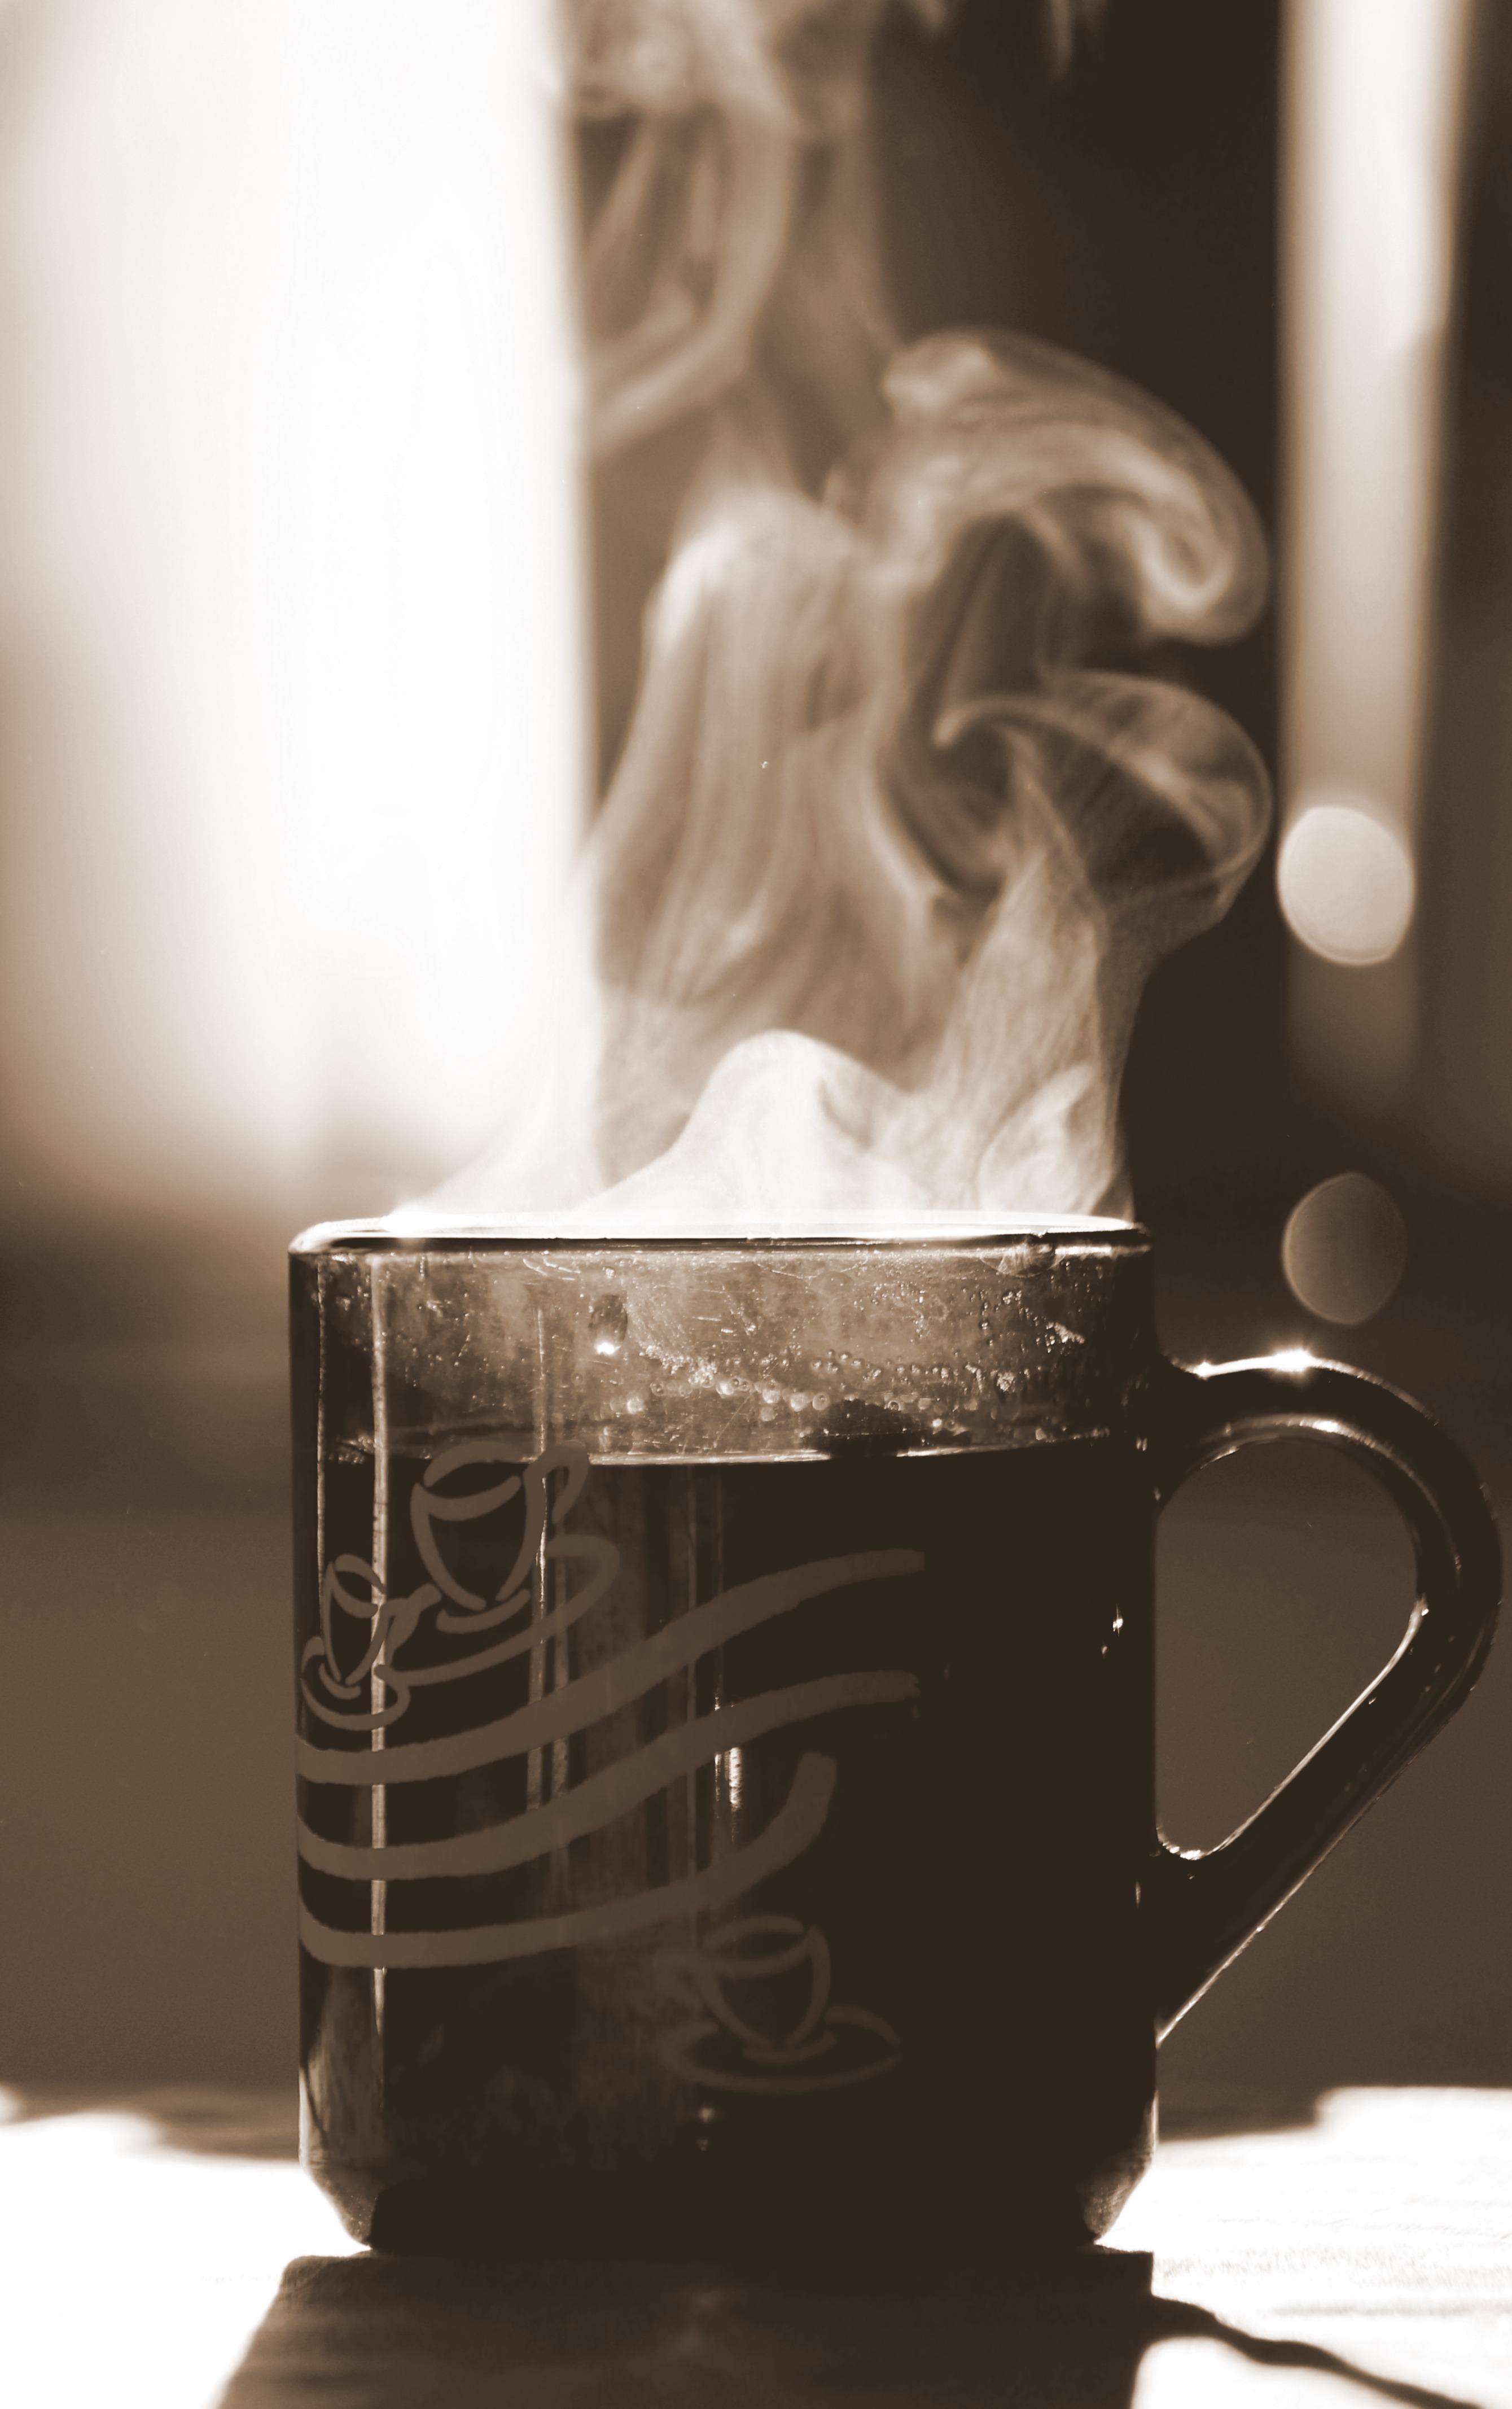 фото с чашкой чая и дымком можете познакомиться одиноким